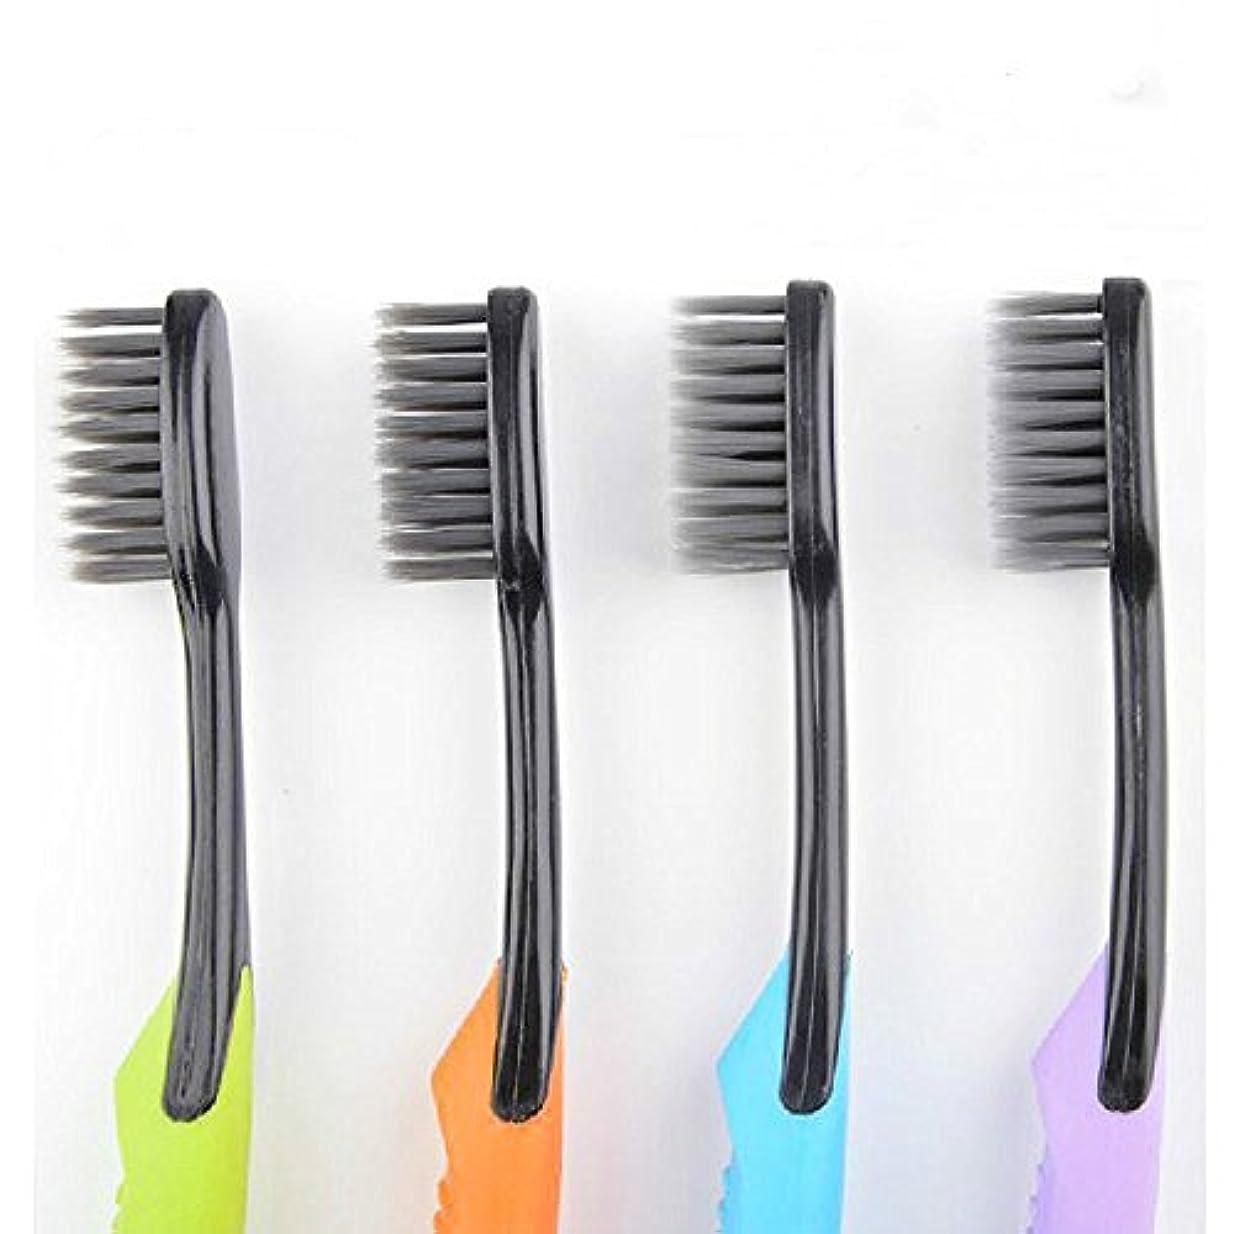 ドリルシーフードパラメータCand Ultra Soft Adult Toothbrush, Bamboo Charcoal Bristle, Pack of 4 by Cand